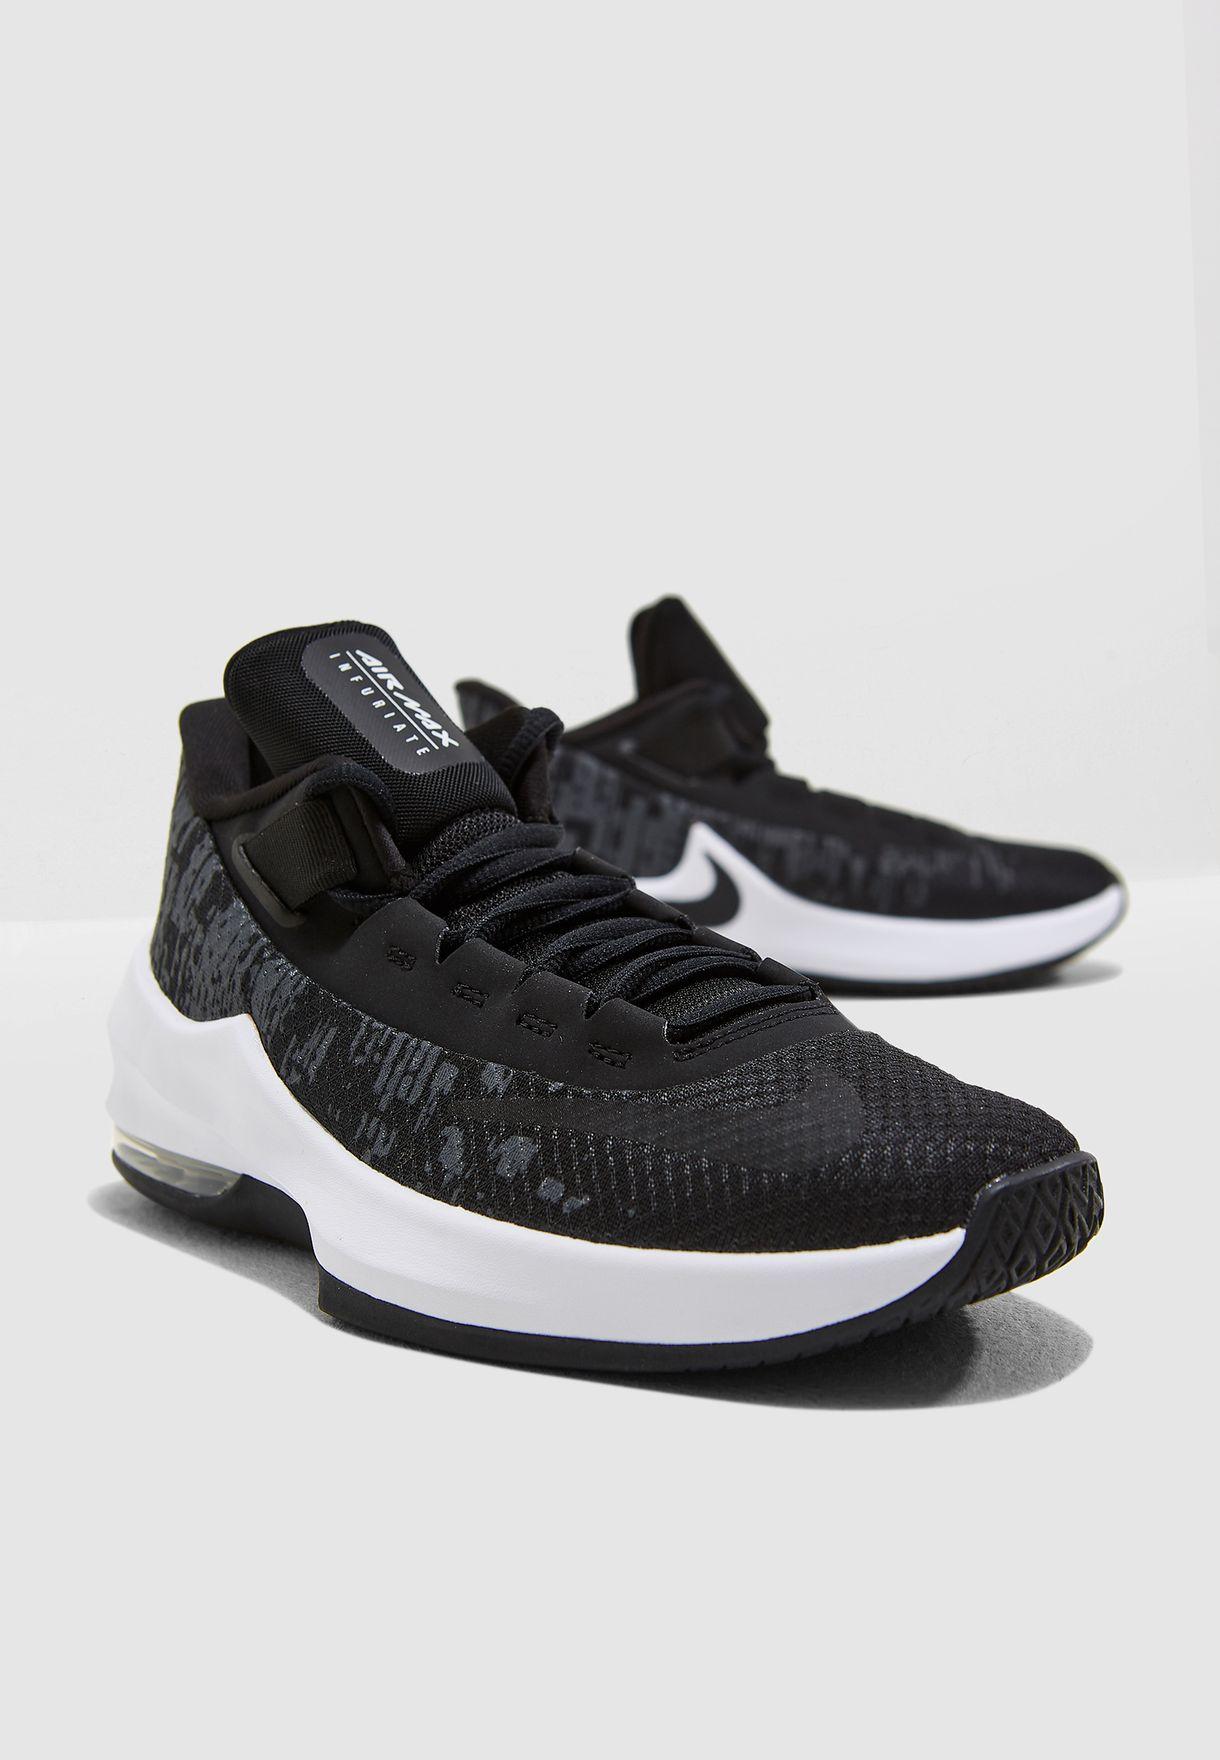 db2dbd7b9b1706 Shop Nike black Youth Air Max Infuriate II AH3426-001 for Kids in ...